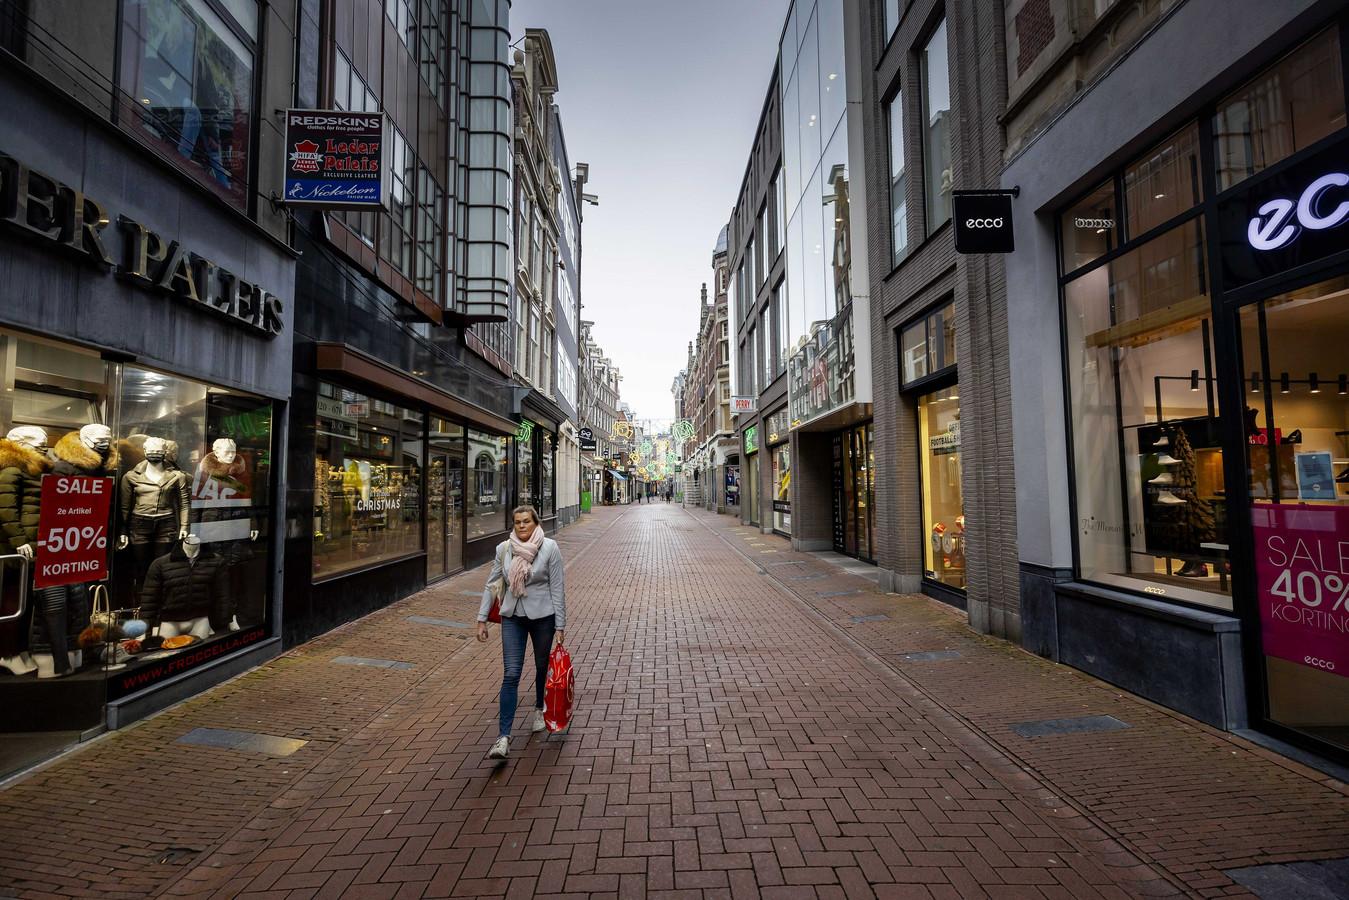 Door de huidige lockdown blijft het in de winkelstraten grotendeels leeg.